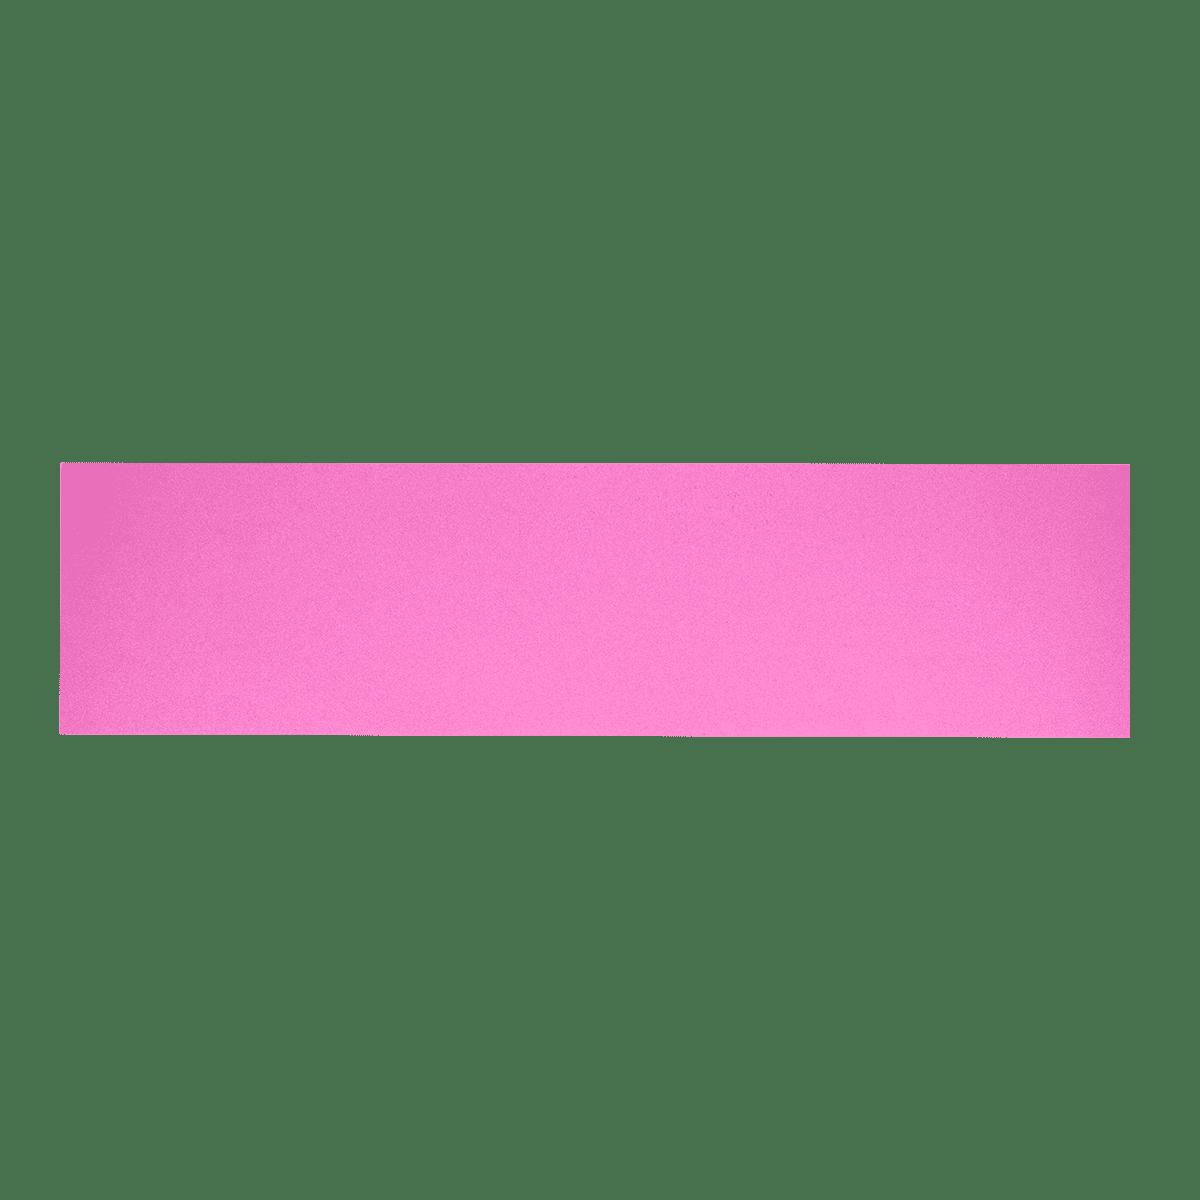 Lixa Para Skate Street Pink - 82x21cm - Envio Imediato